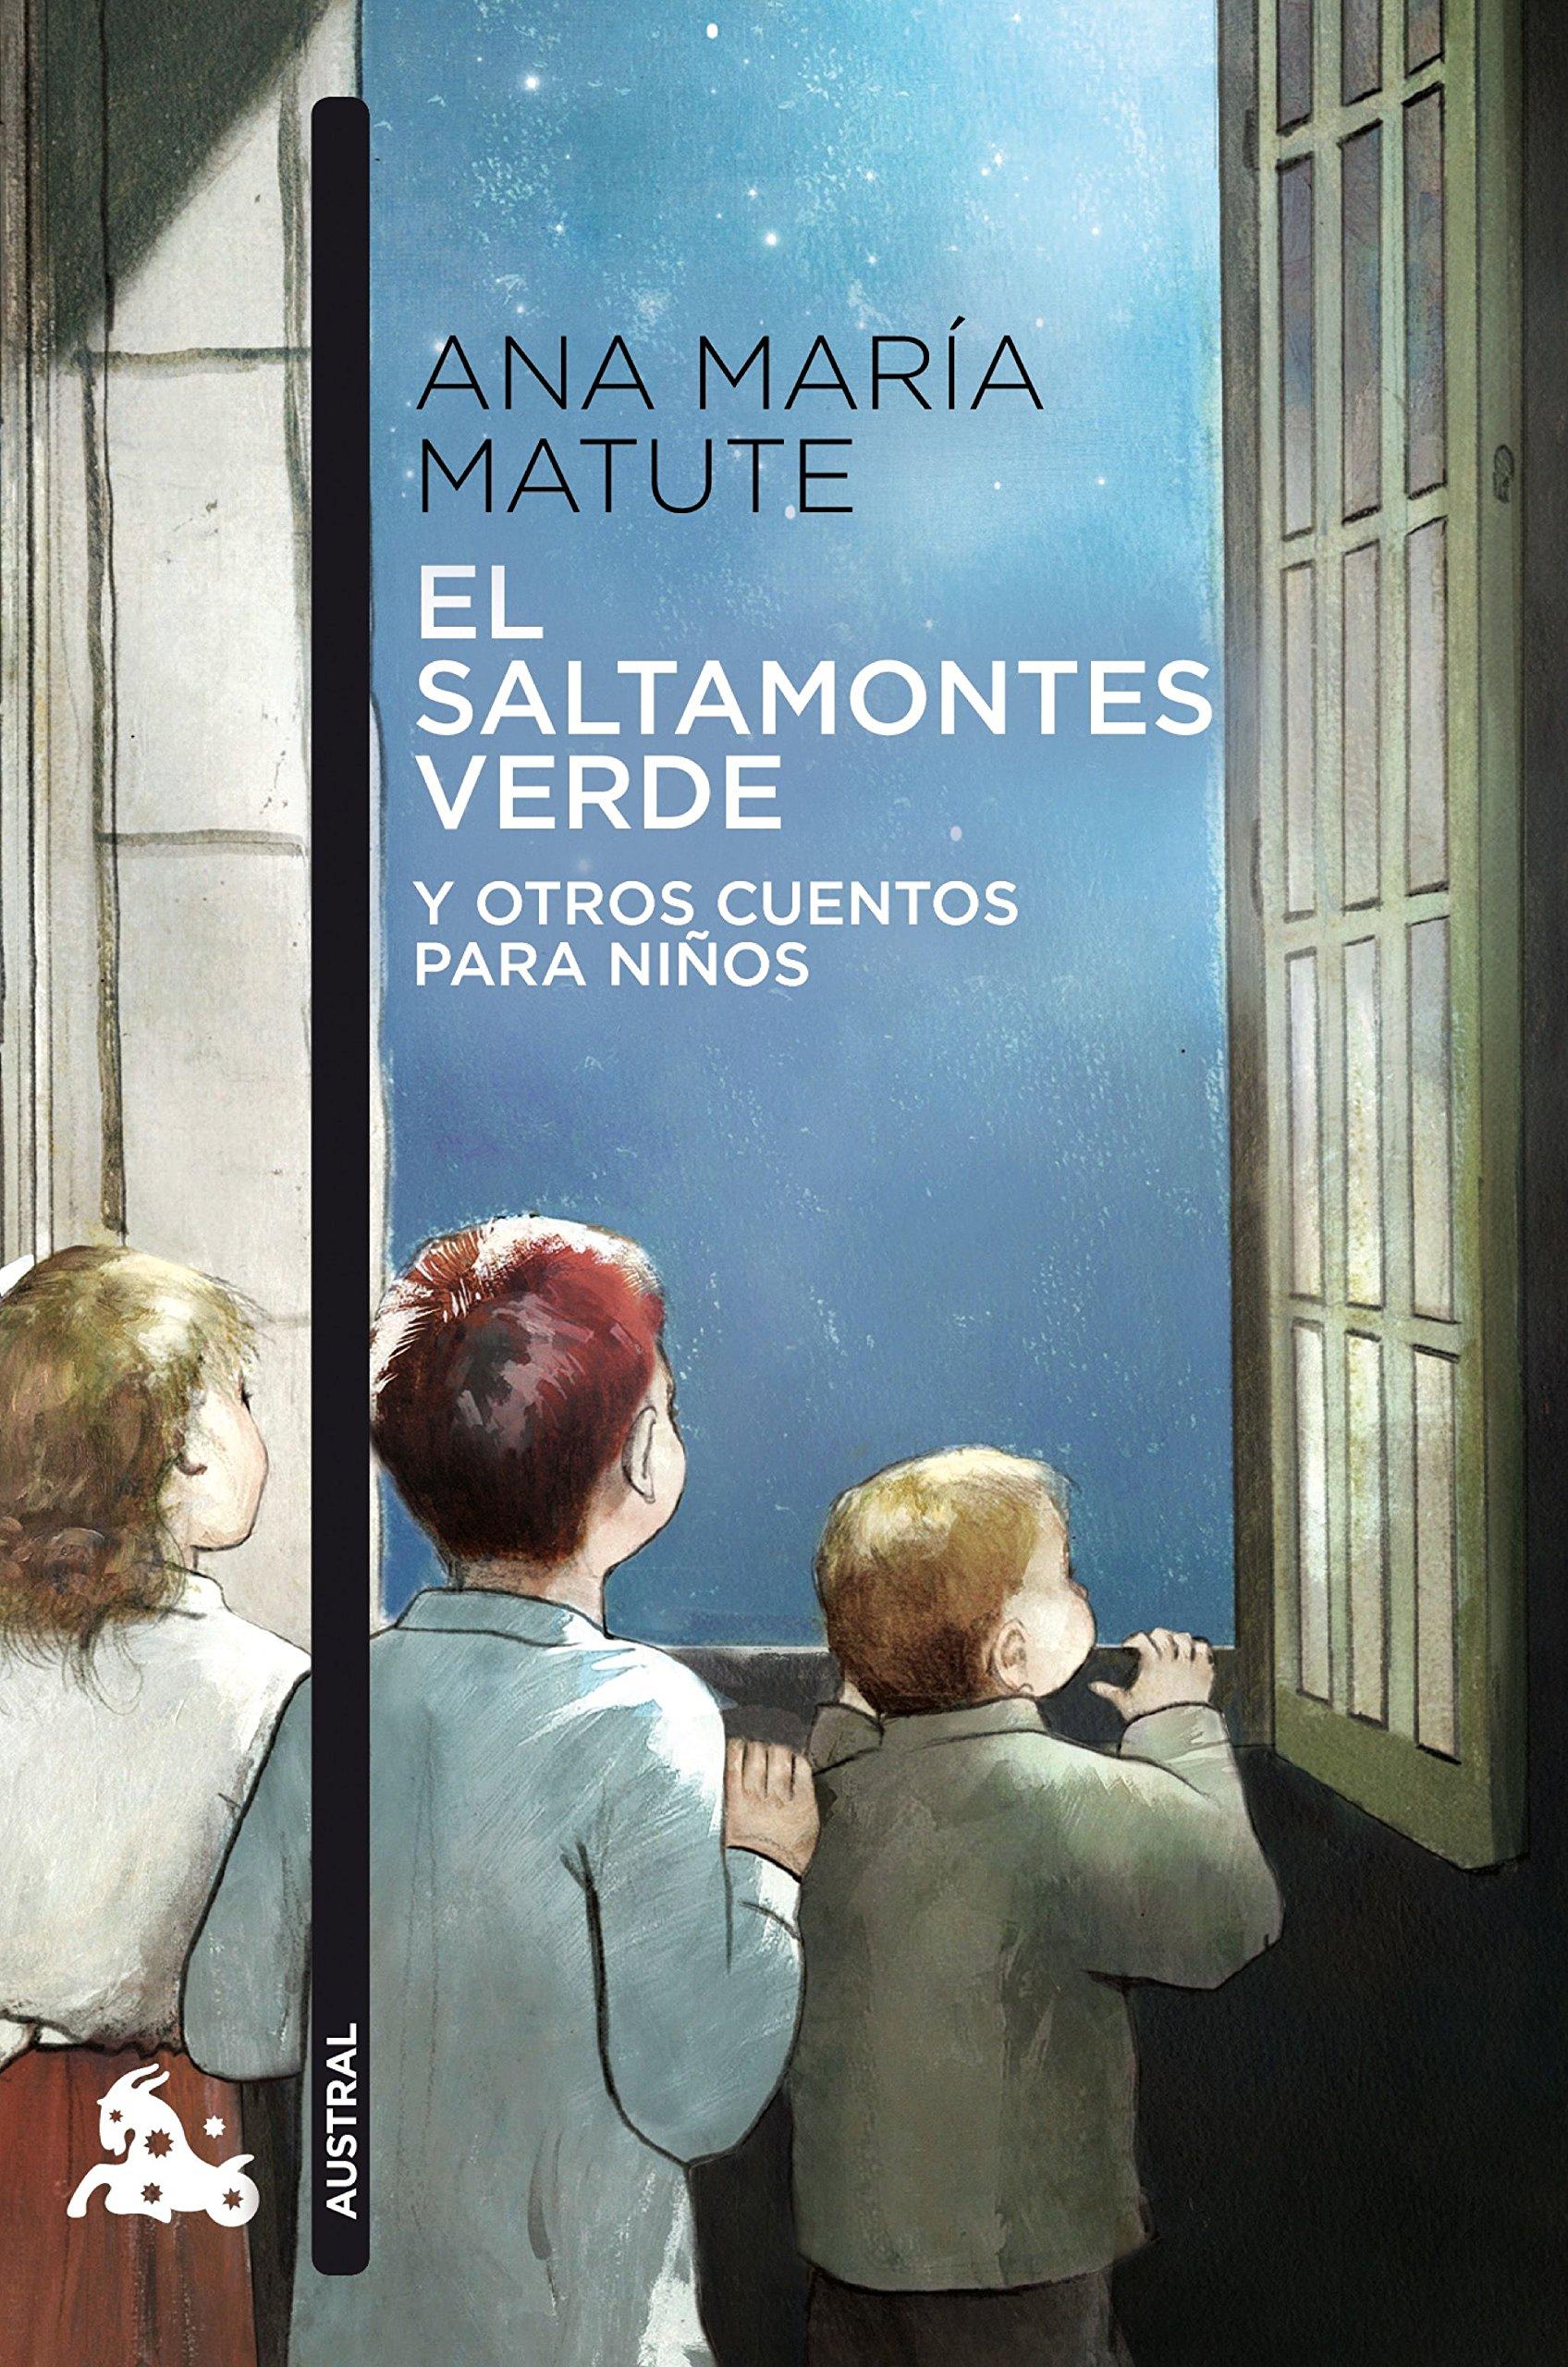 El saltamontes verde y otros cuentos para niños: Ana María Matute ...